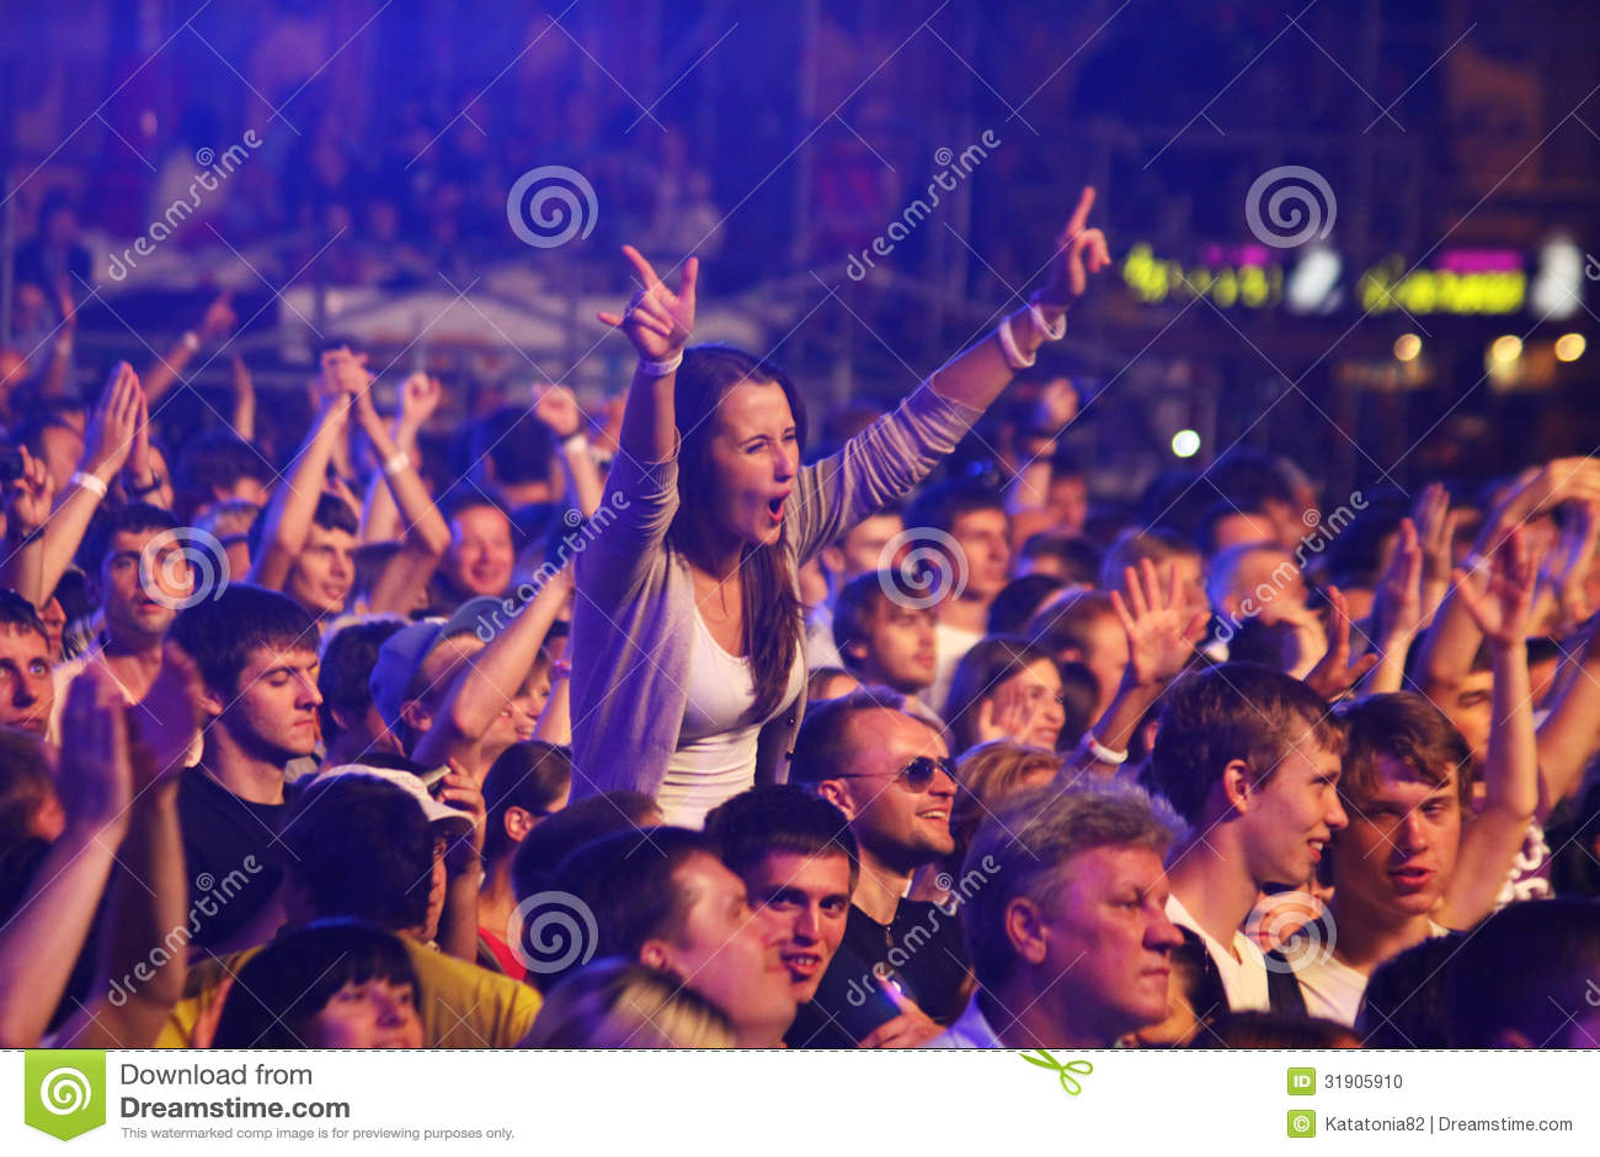 Ventajas de ser mujer vs ventajas de ser hombre Danza-de-la-gente-durante-concierto-de-rock-31905910